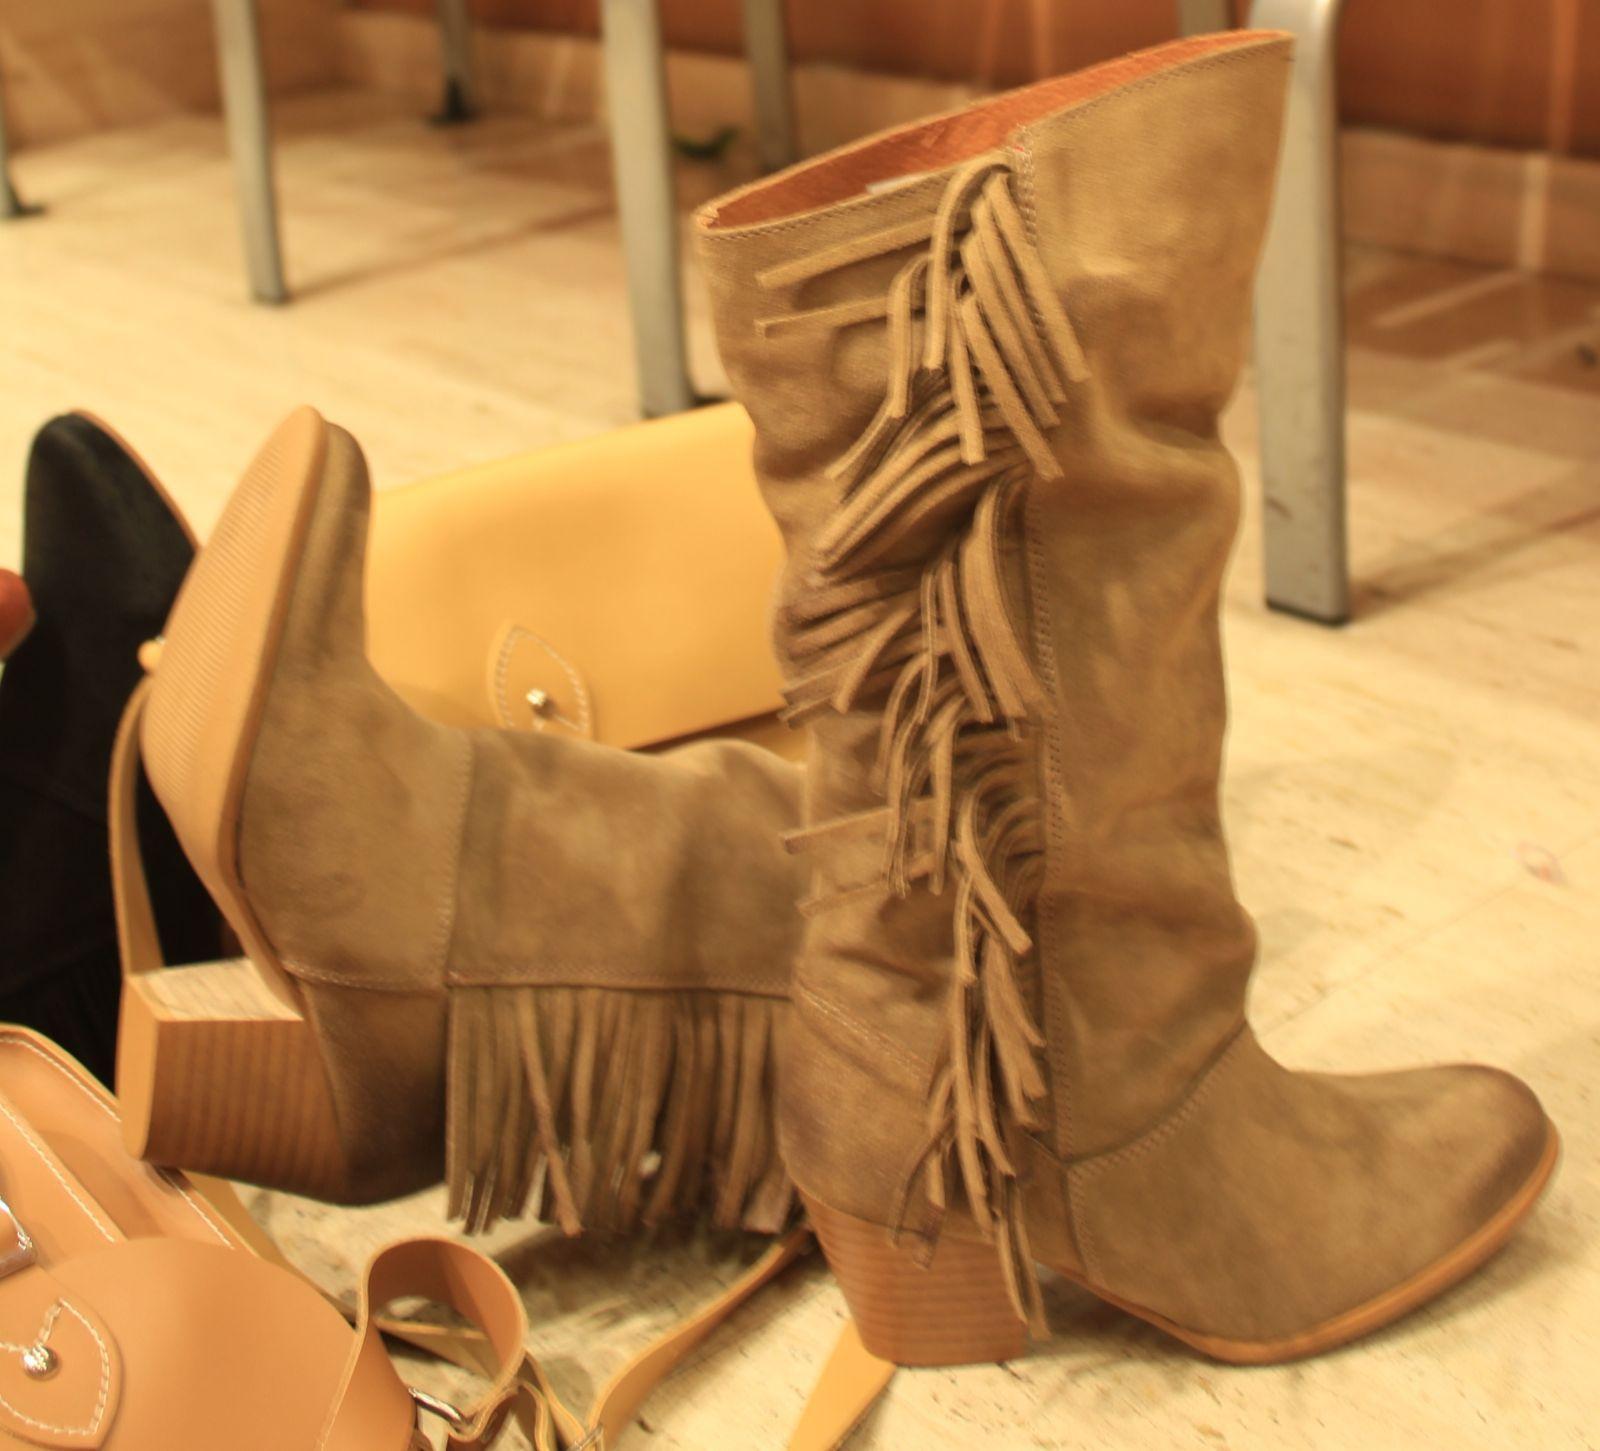 034c745604879 Calzados NIZA y ZAS Shoes  Botas de serraje y colores tierra. Aire cowboy